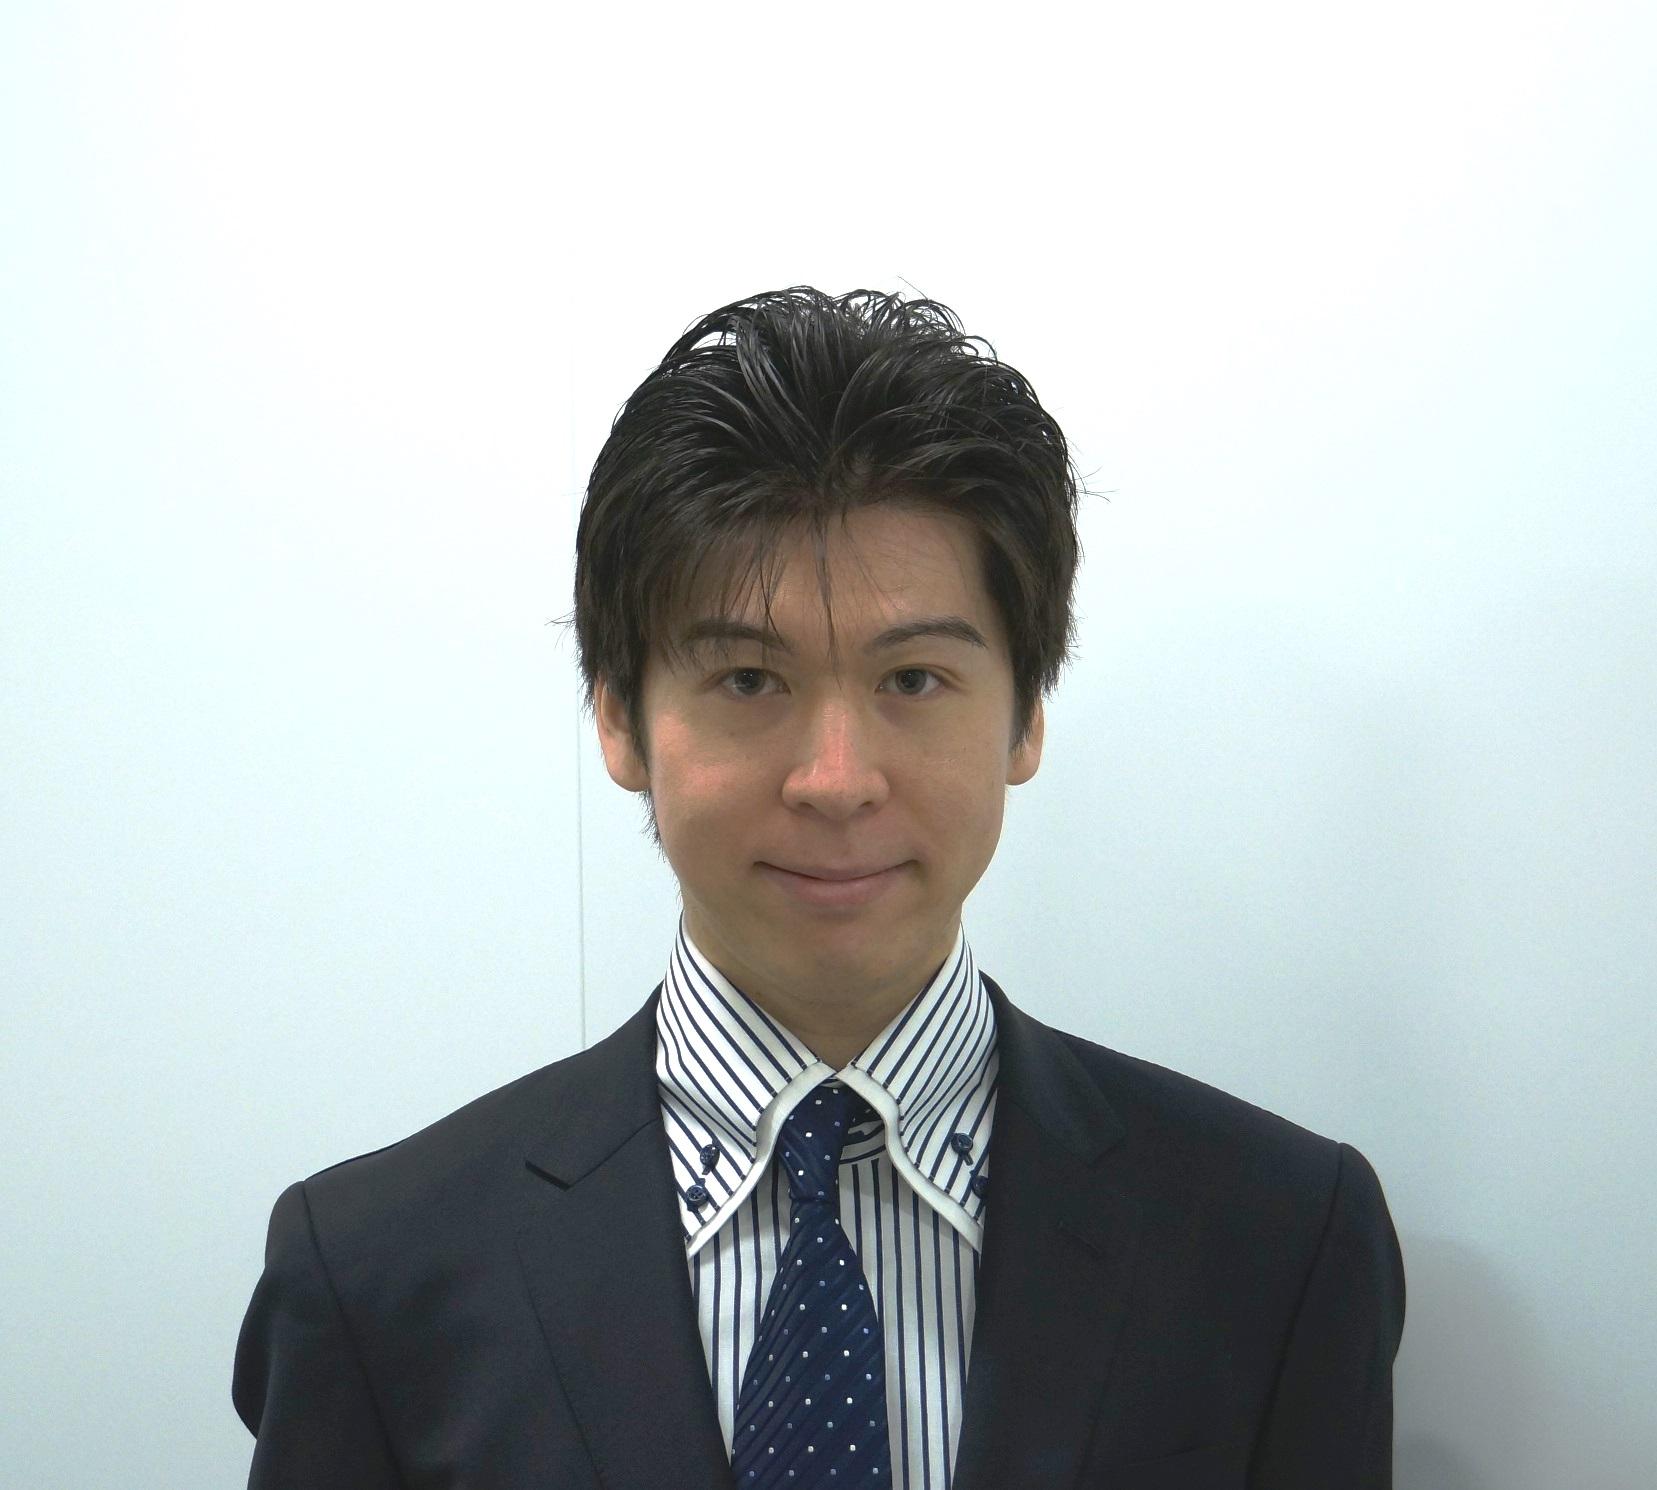 木下研究員がNHK大阪より取材